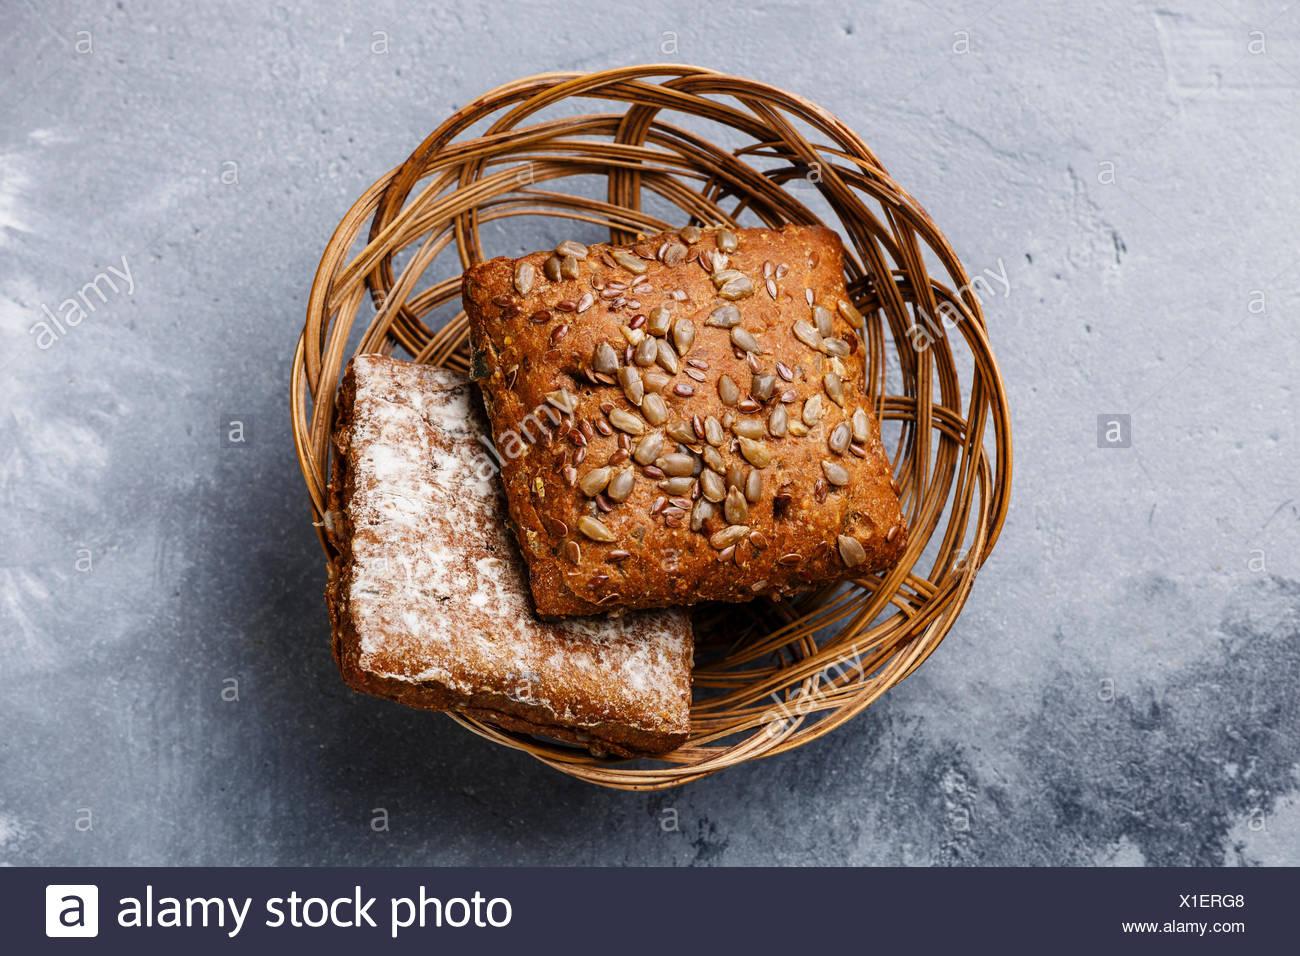 Frisches Getreide Brot Brötchen mit Sonnenblumenkernen in Weidenkorb auf grauem Beton Hintergrund Stockbild